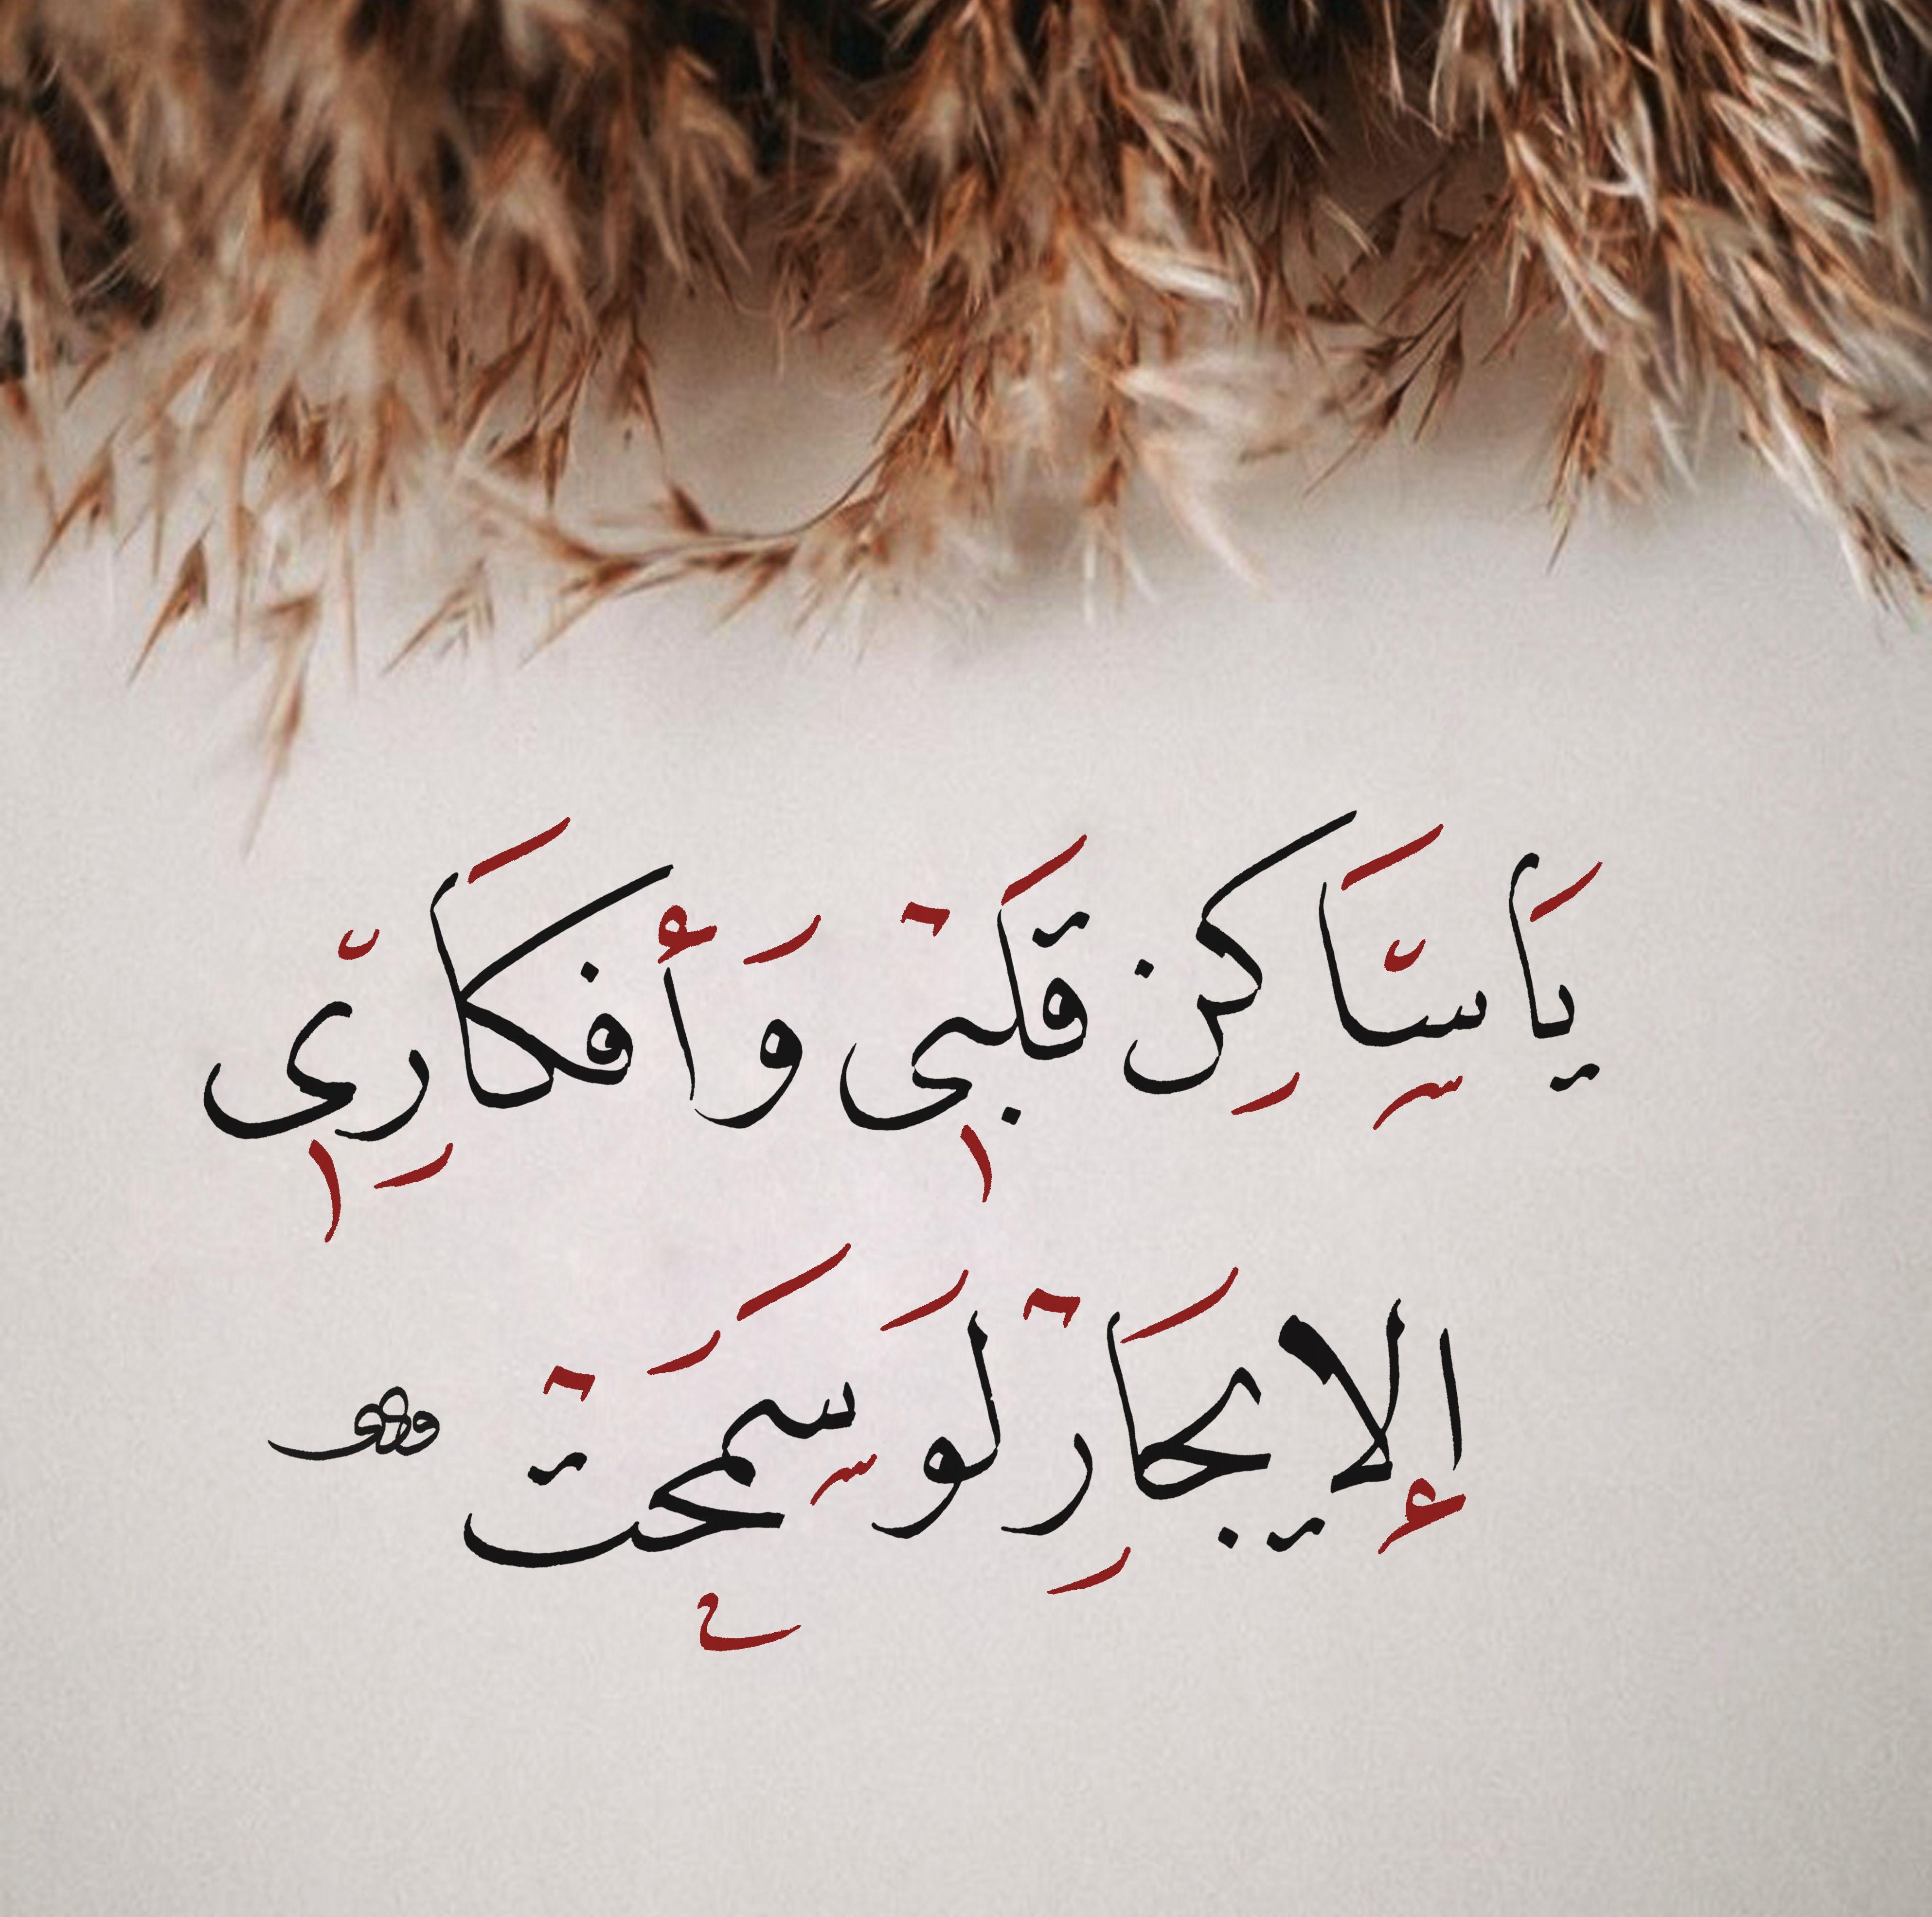 الفن الصوفي فن الخط العربي تصوف Memories Quotes Beautiful Arabic Words Beautiful Words